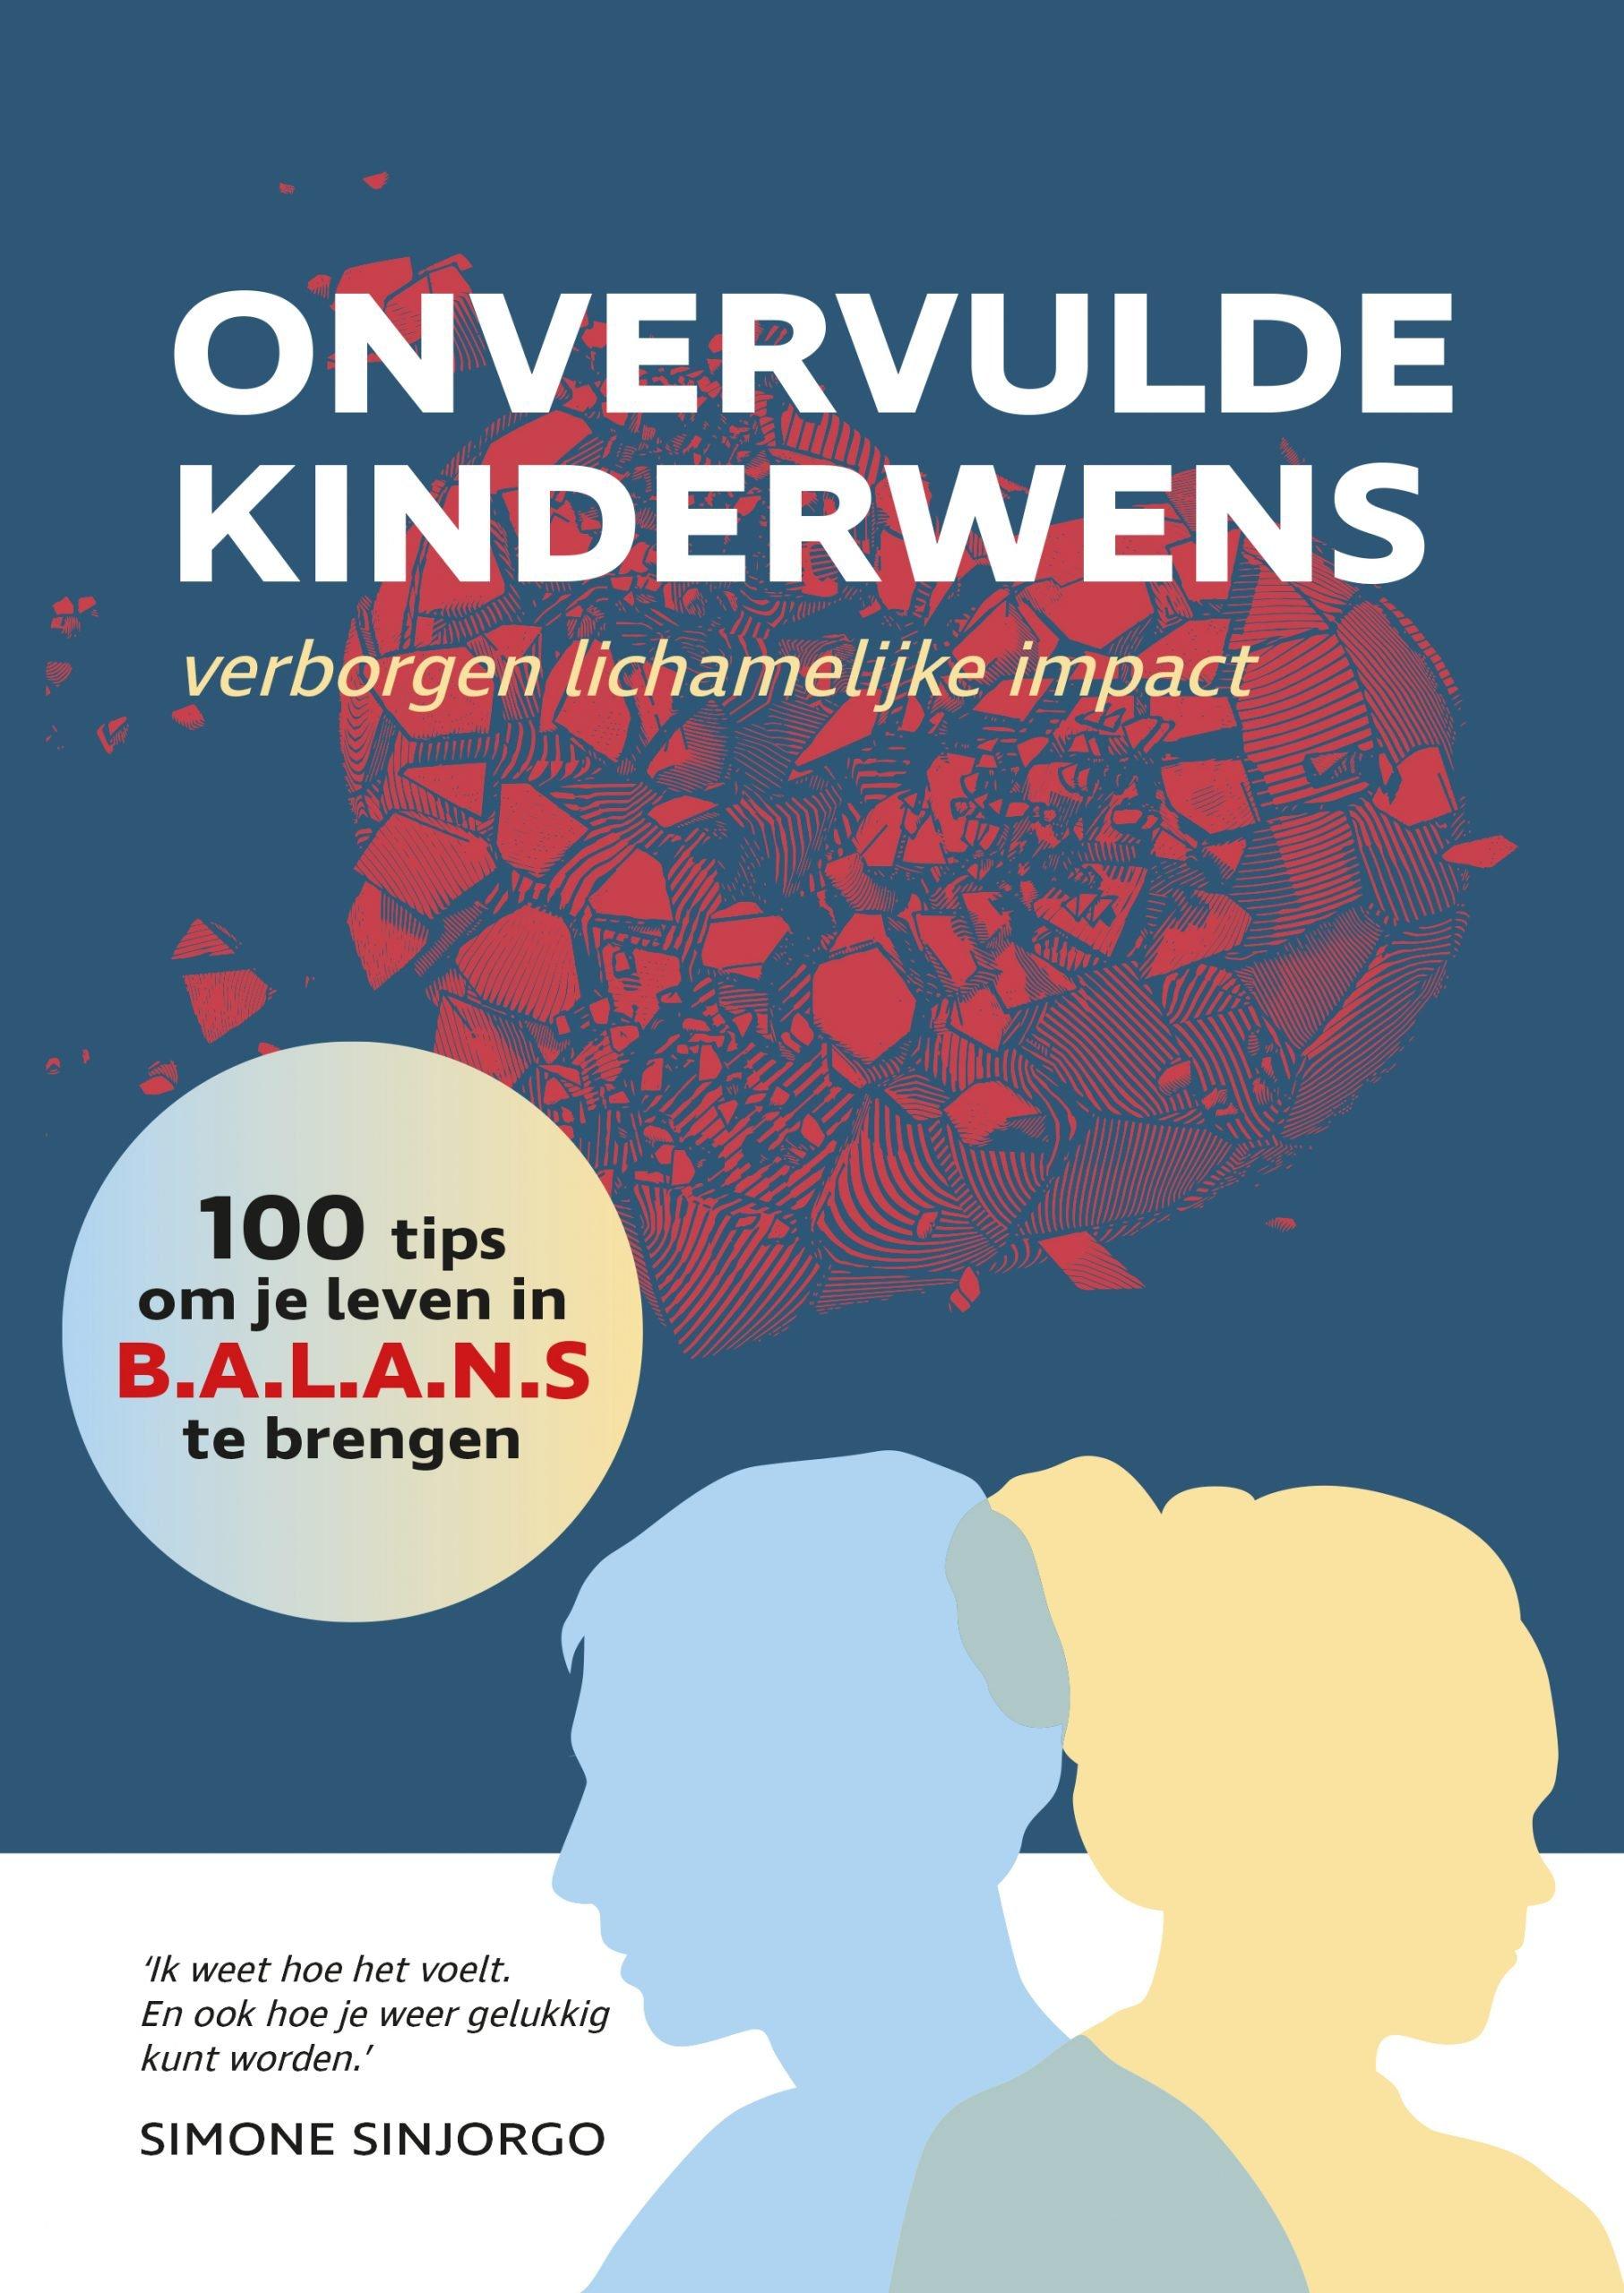 Boek Onvervulde kinderwens verborgen lichamelijke impact 100 tips die je leven in balans brengen